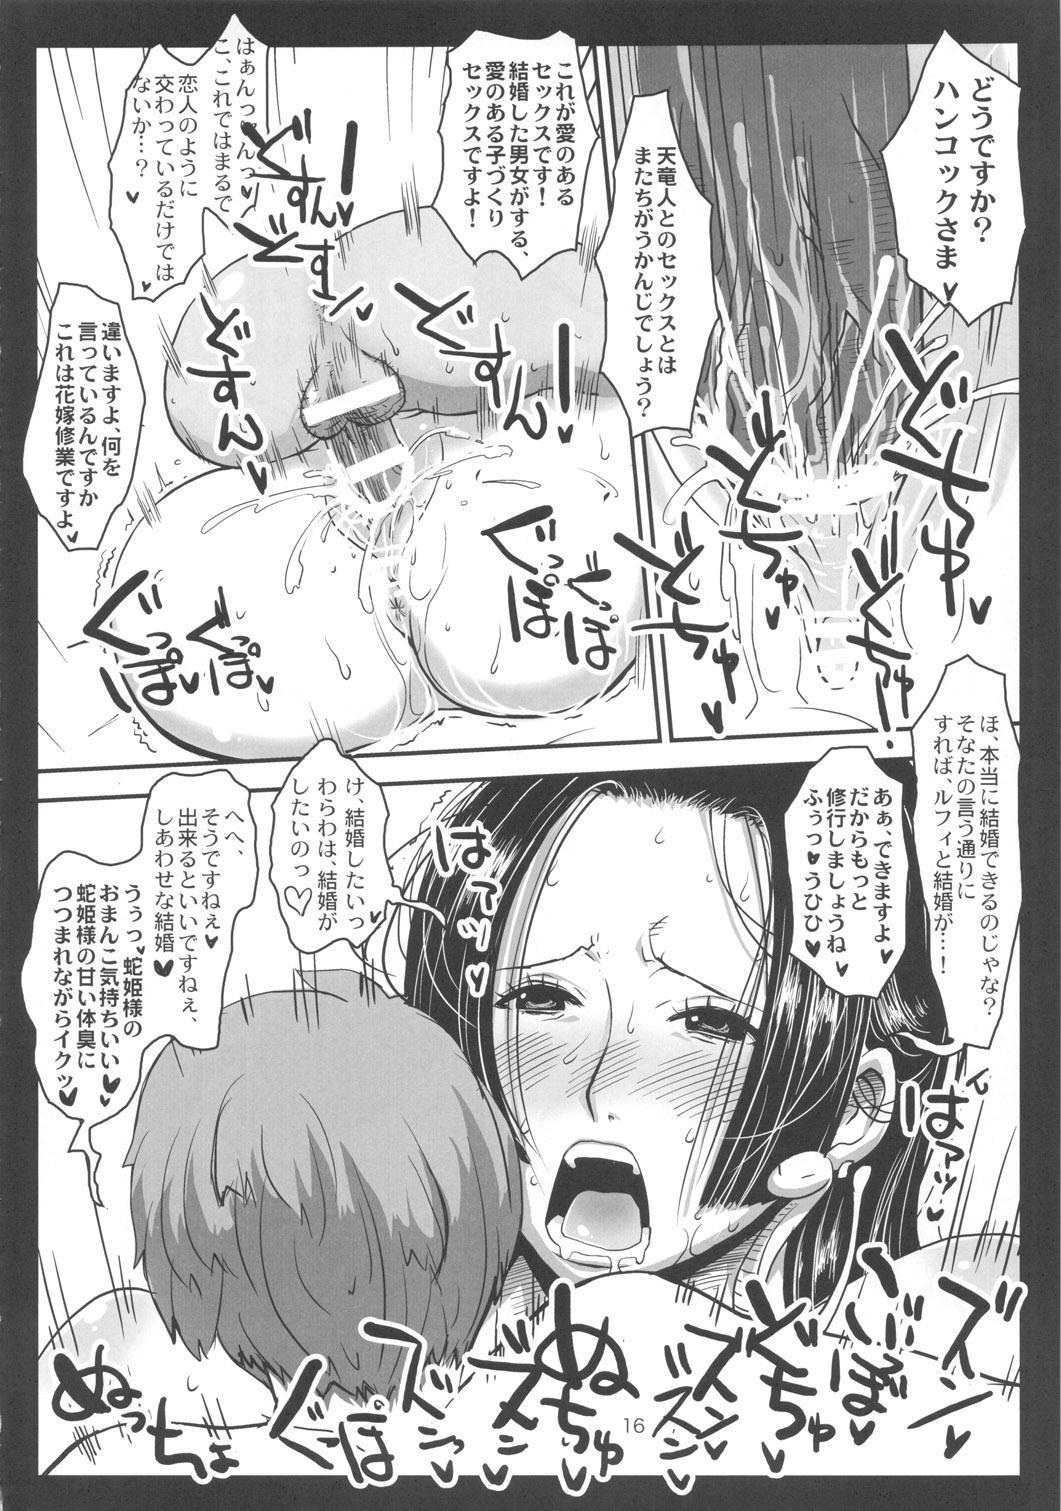 Metabolism-H Moto Dorei Kaizoku Jotei Hancock no Hanayome Shiyugyou 14